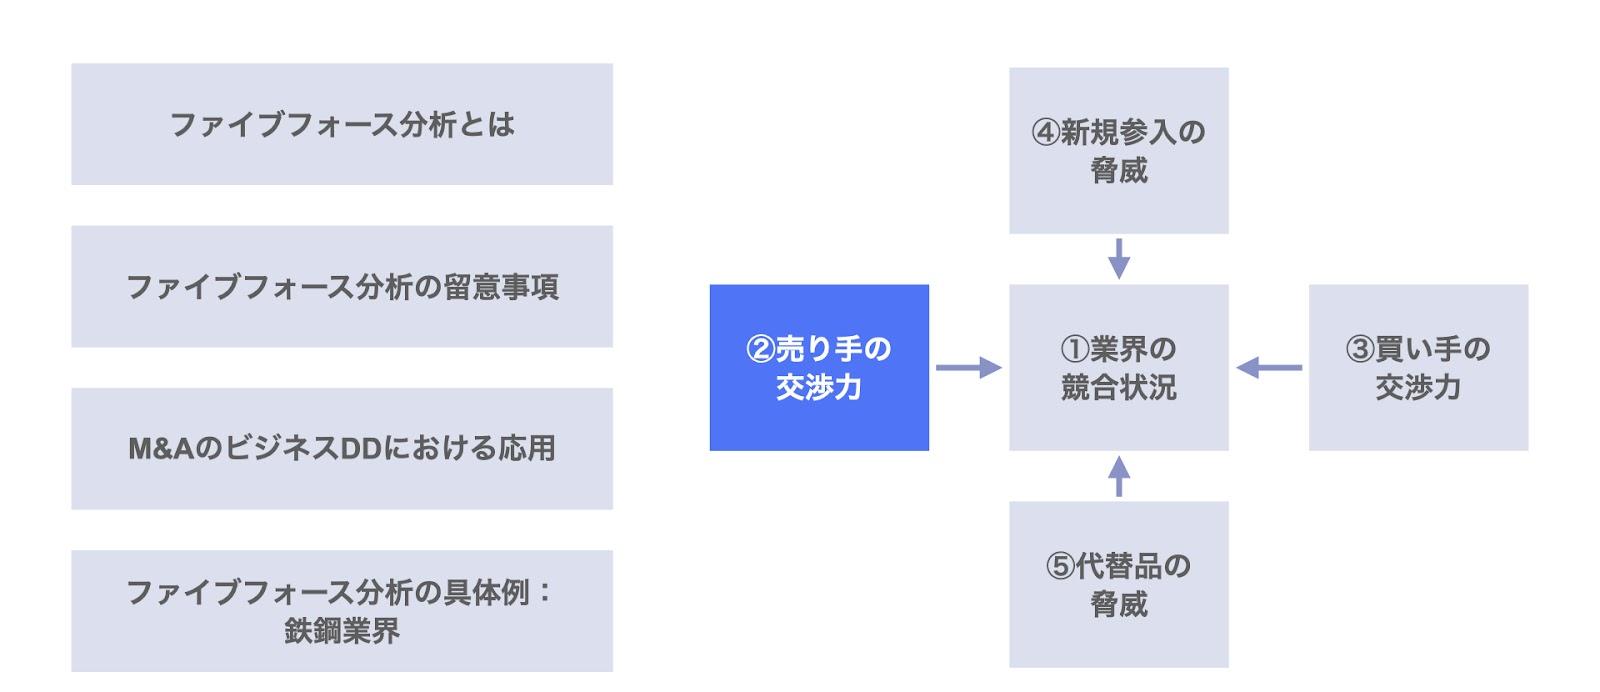 ファイブフォース分析における売り手(供給業者)の交渉力